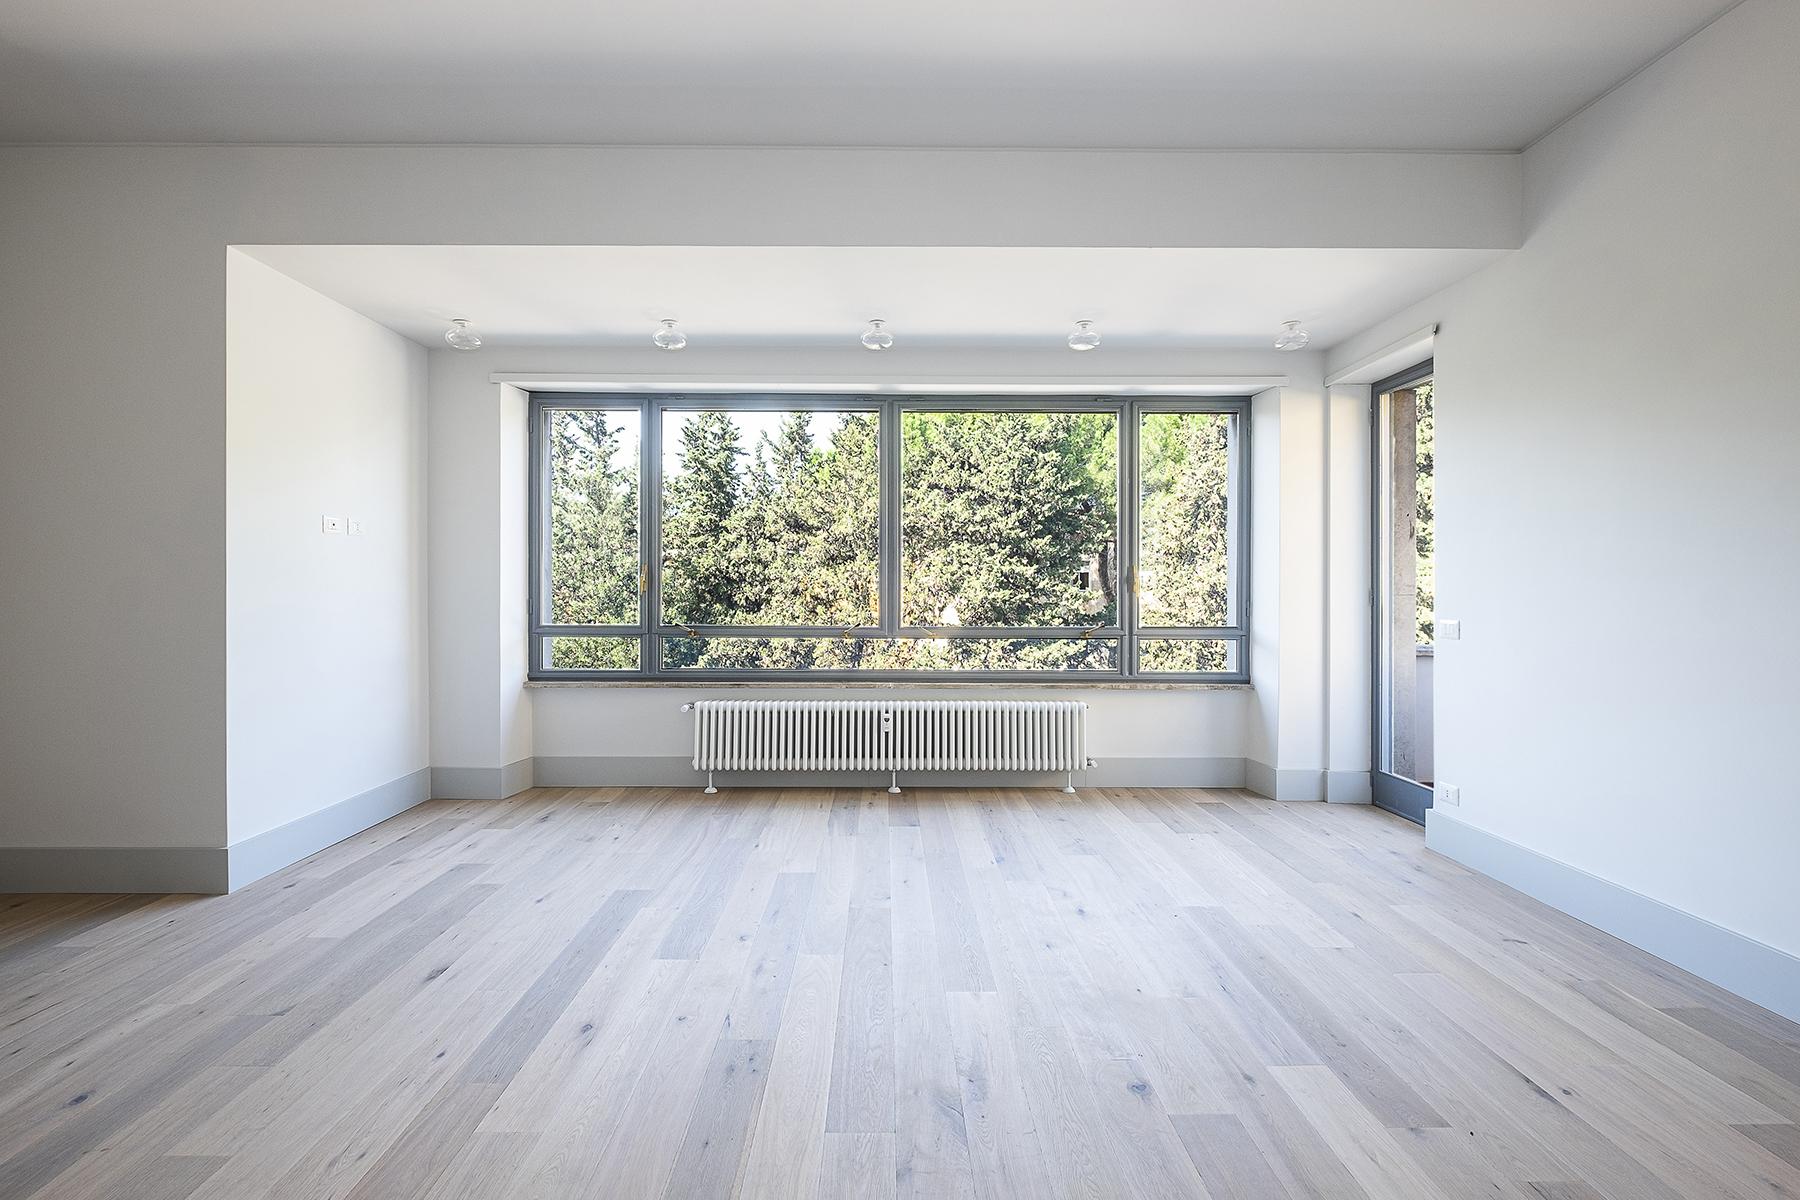 Appartamento in Vendita a Roma 29 Monteverde / Gianicolense / Colli Portuensi: 5 locali, 110 mq